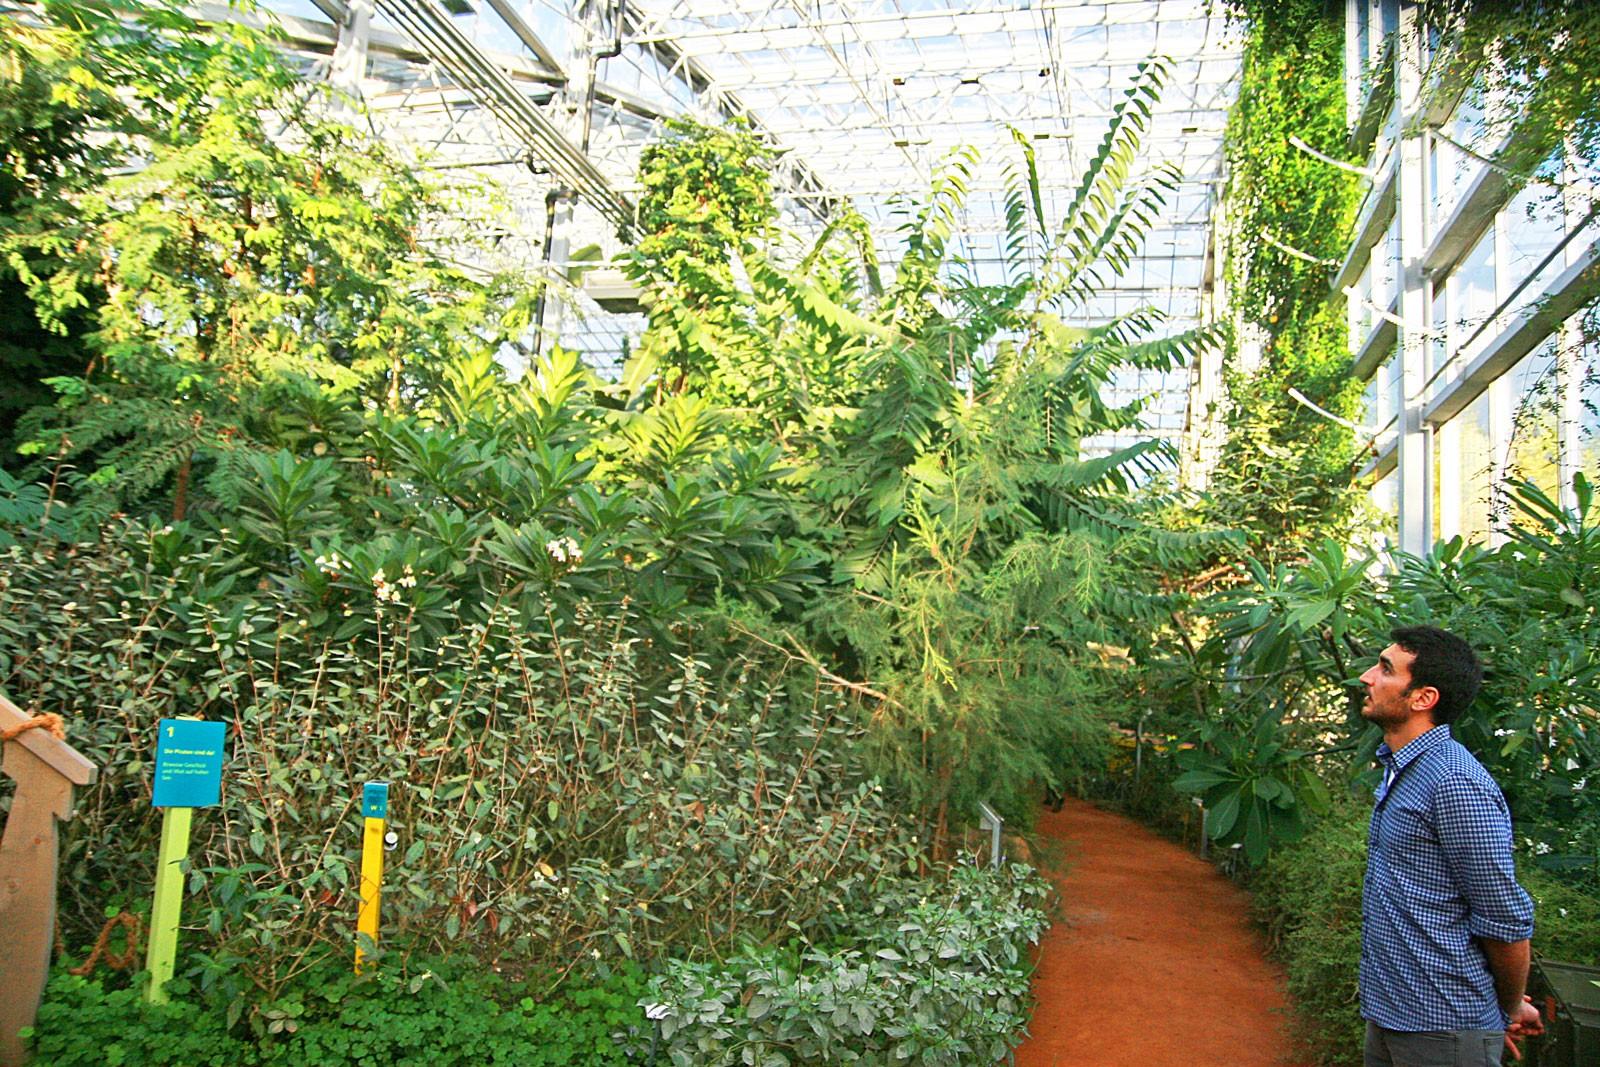 Im Tropenhaus ist Spiritualität und Einklang mit der Natur erlaubt.